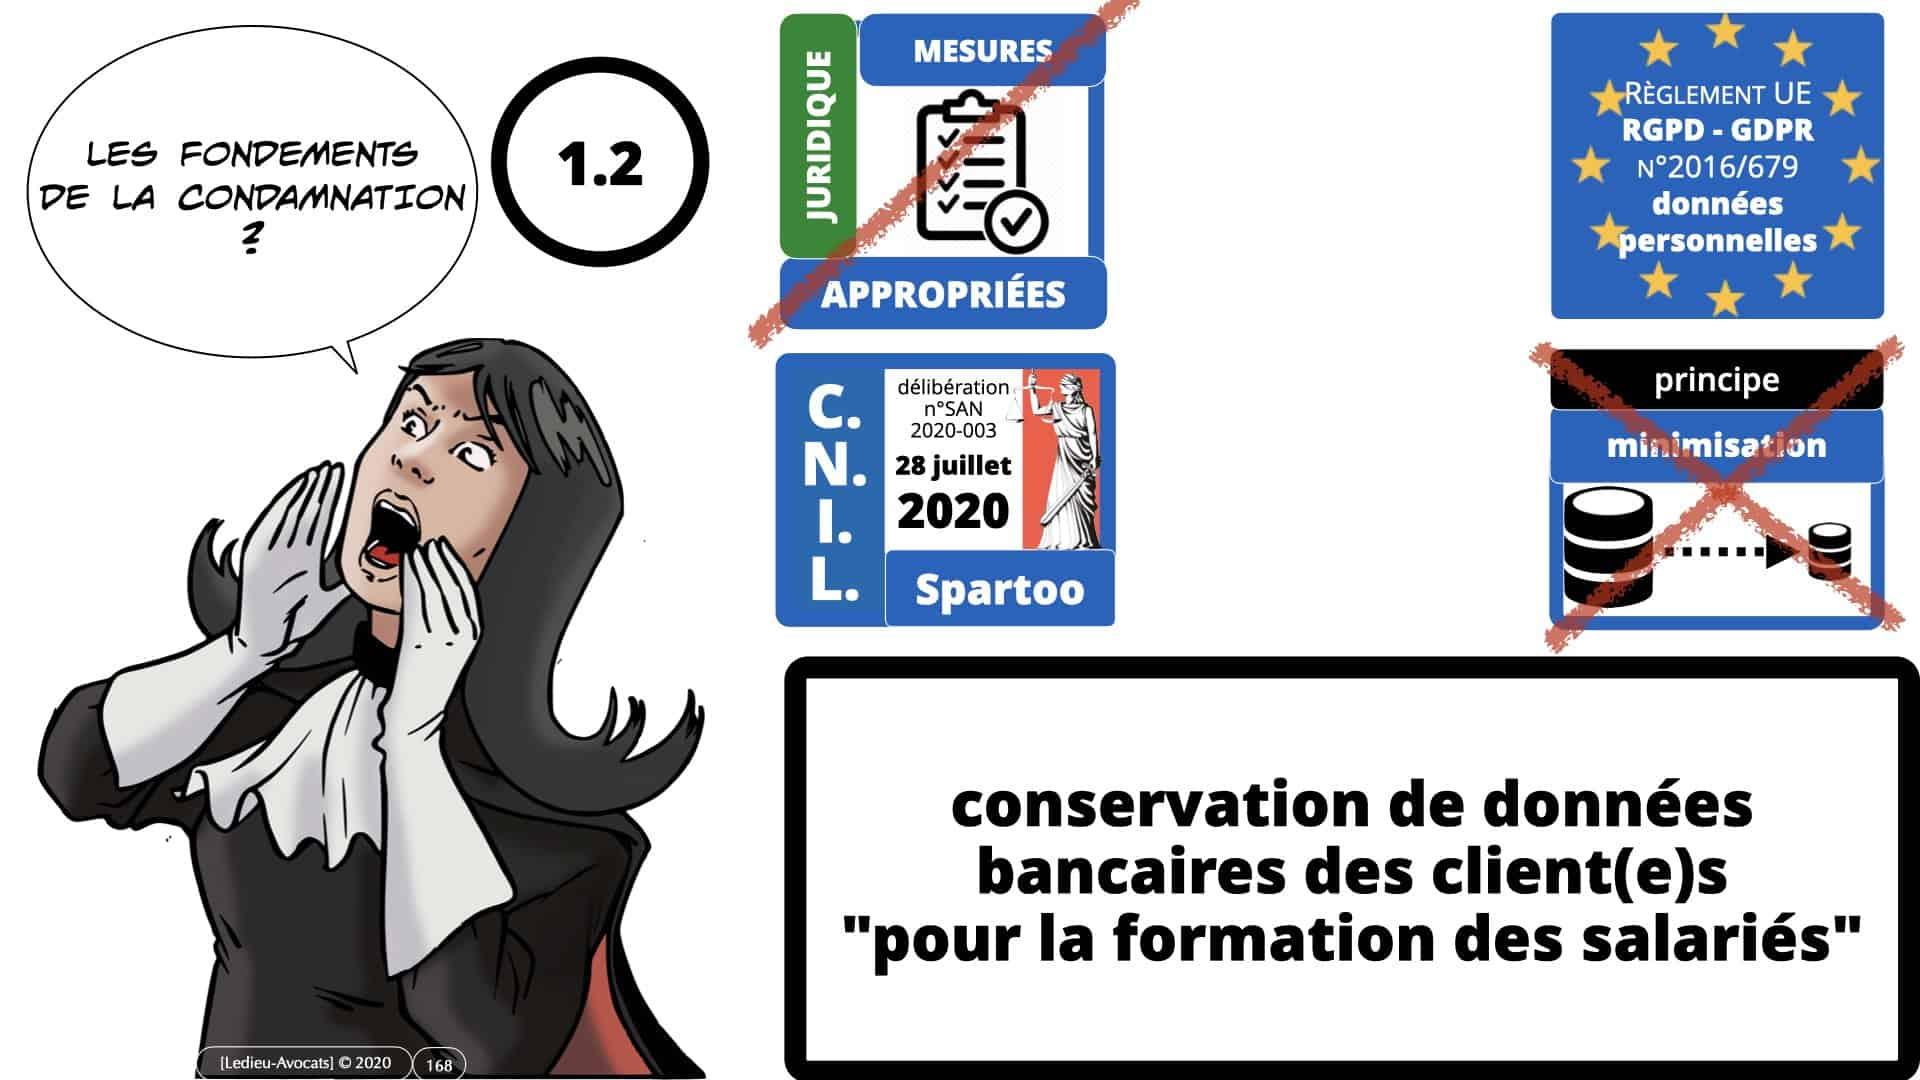 RGPD e-Privacy données personnelles jurisprudence formation Lamy Les Echos 10-02-2021 ©Ledieu-Avocats.168